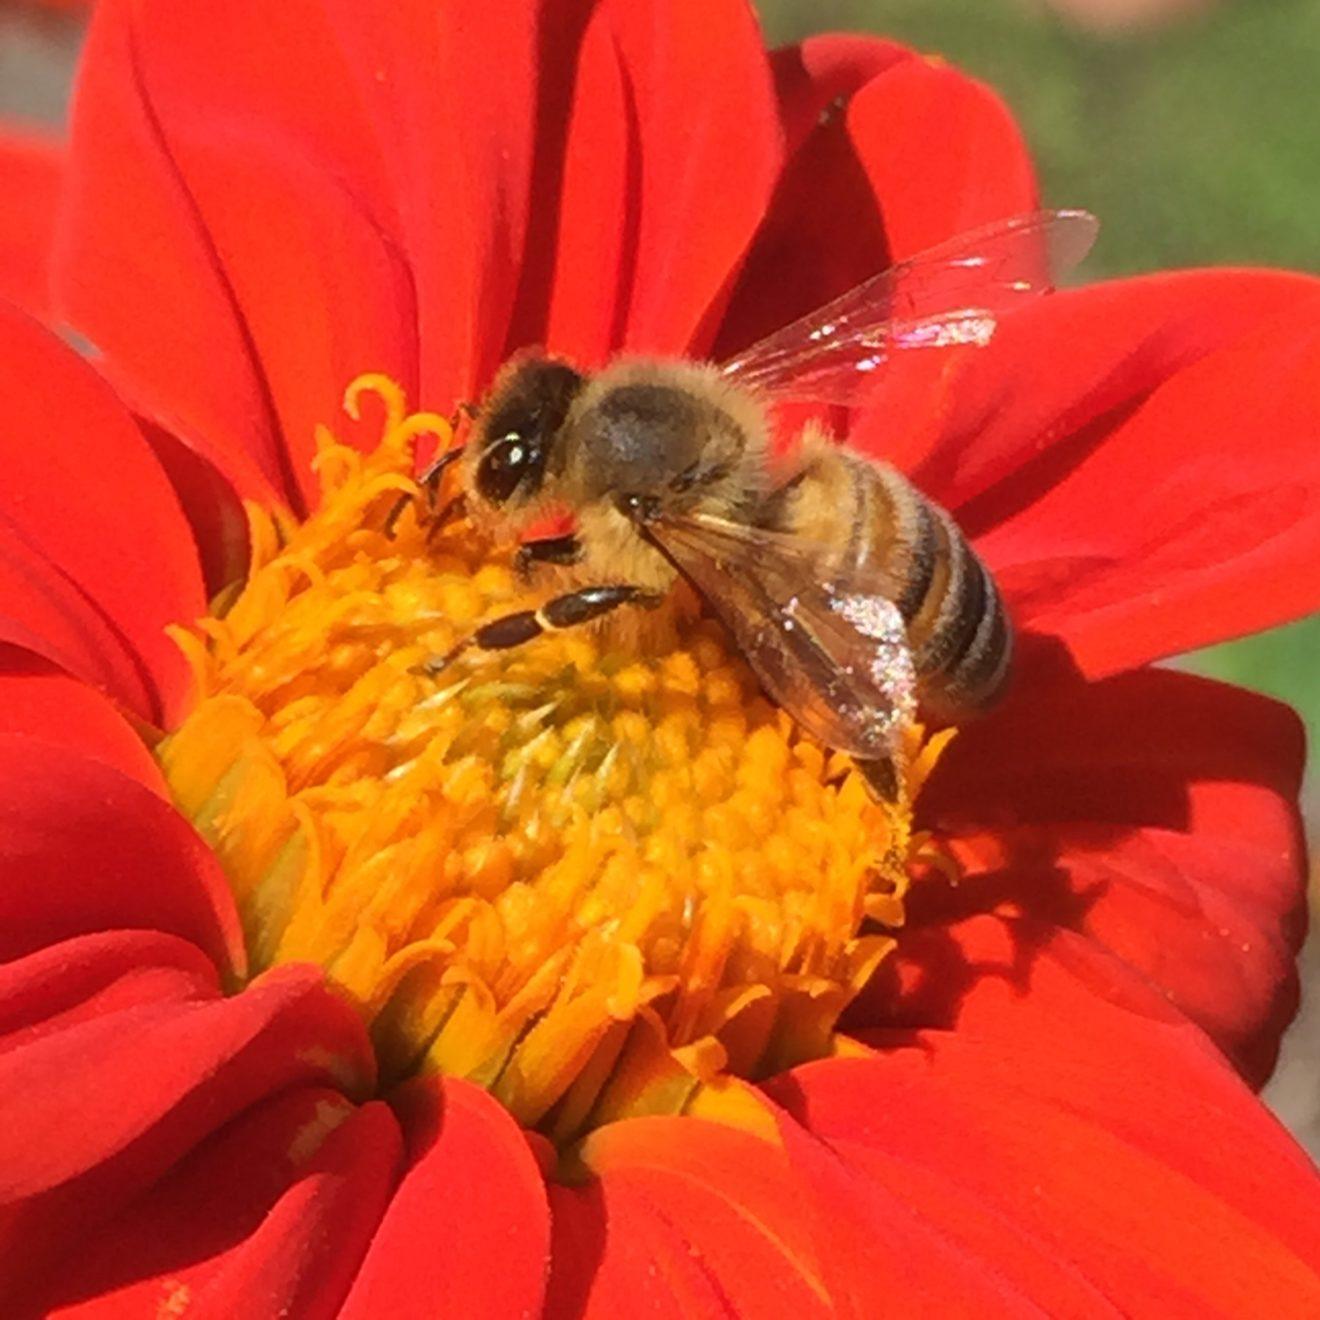 soleil-du-mexique-et-abeille